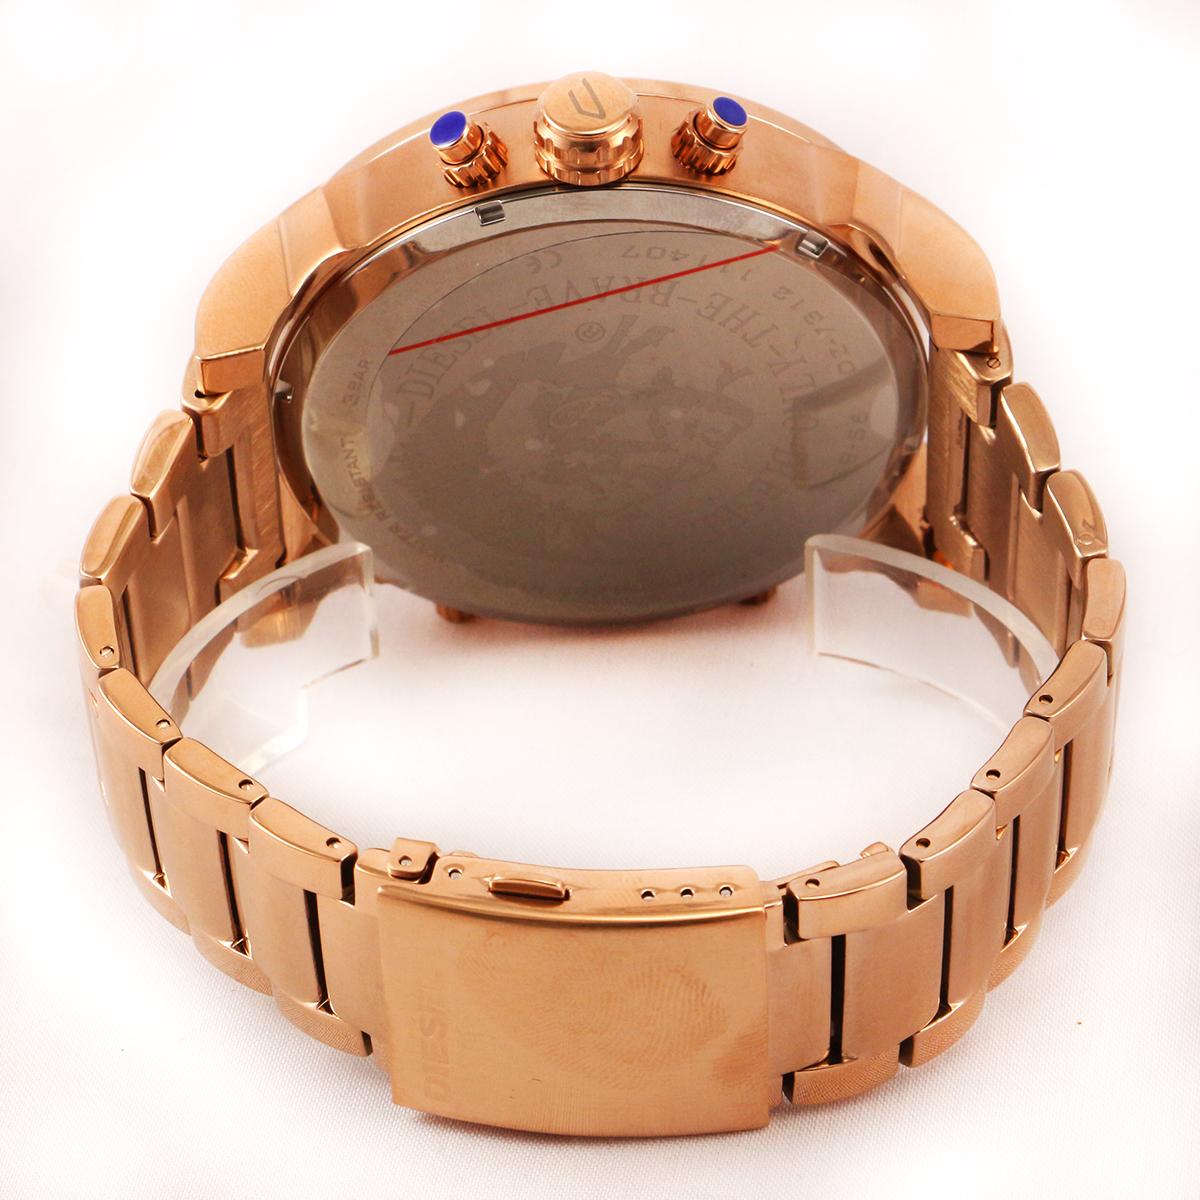 ساعت مچی عقربهای مردانه مدل dz-7312                     غیر اصل